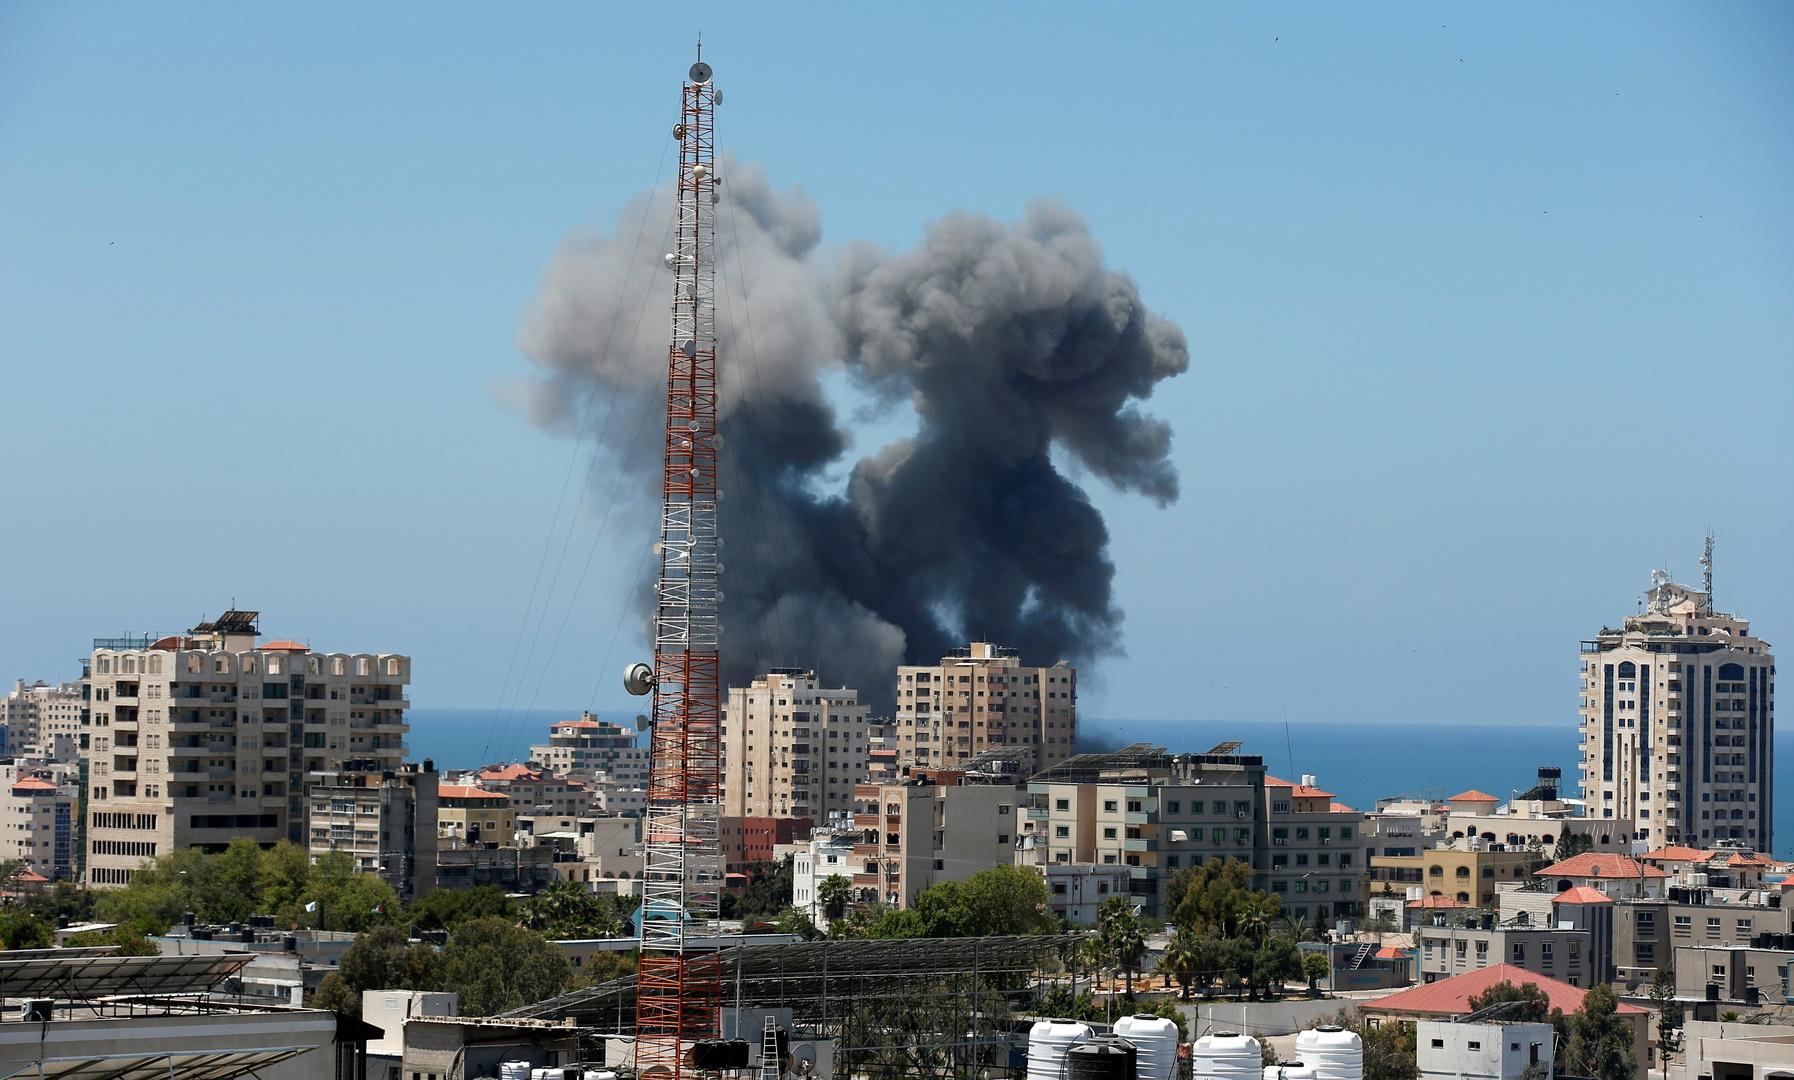 مراسلنا: الطيران الإسرائيلي يشن غارات عنيفة غرب مدينة غزة